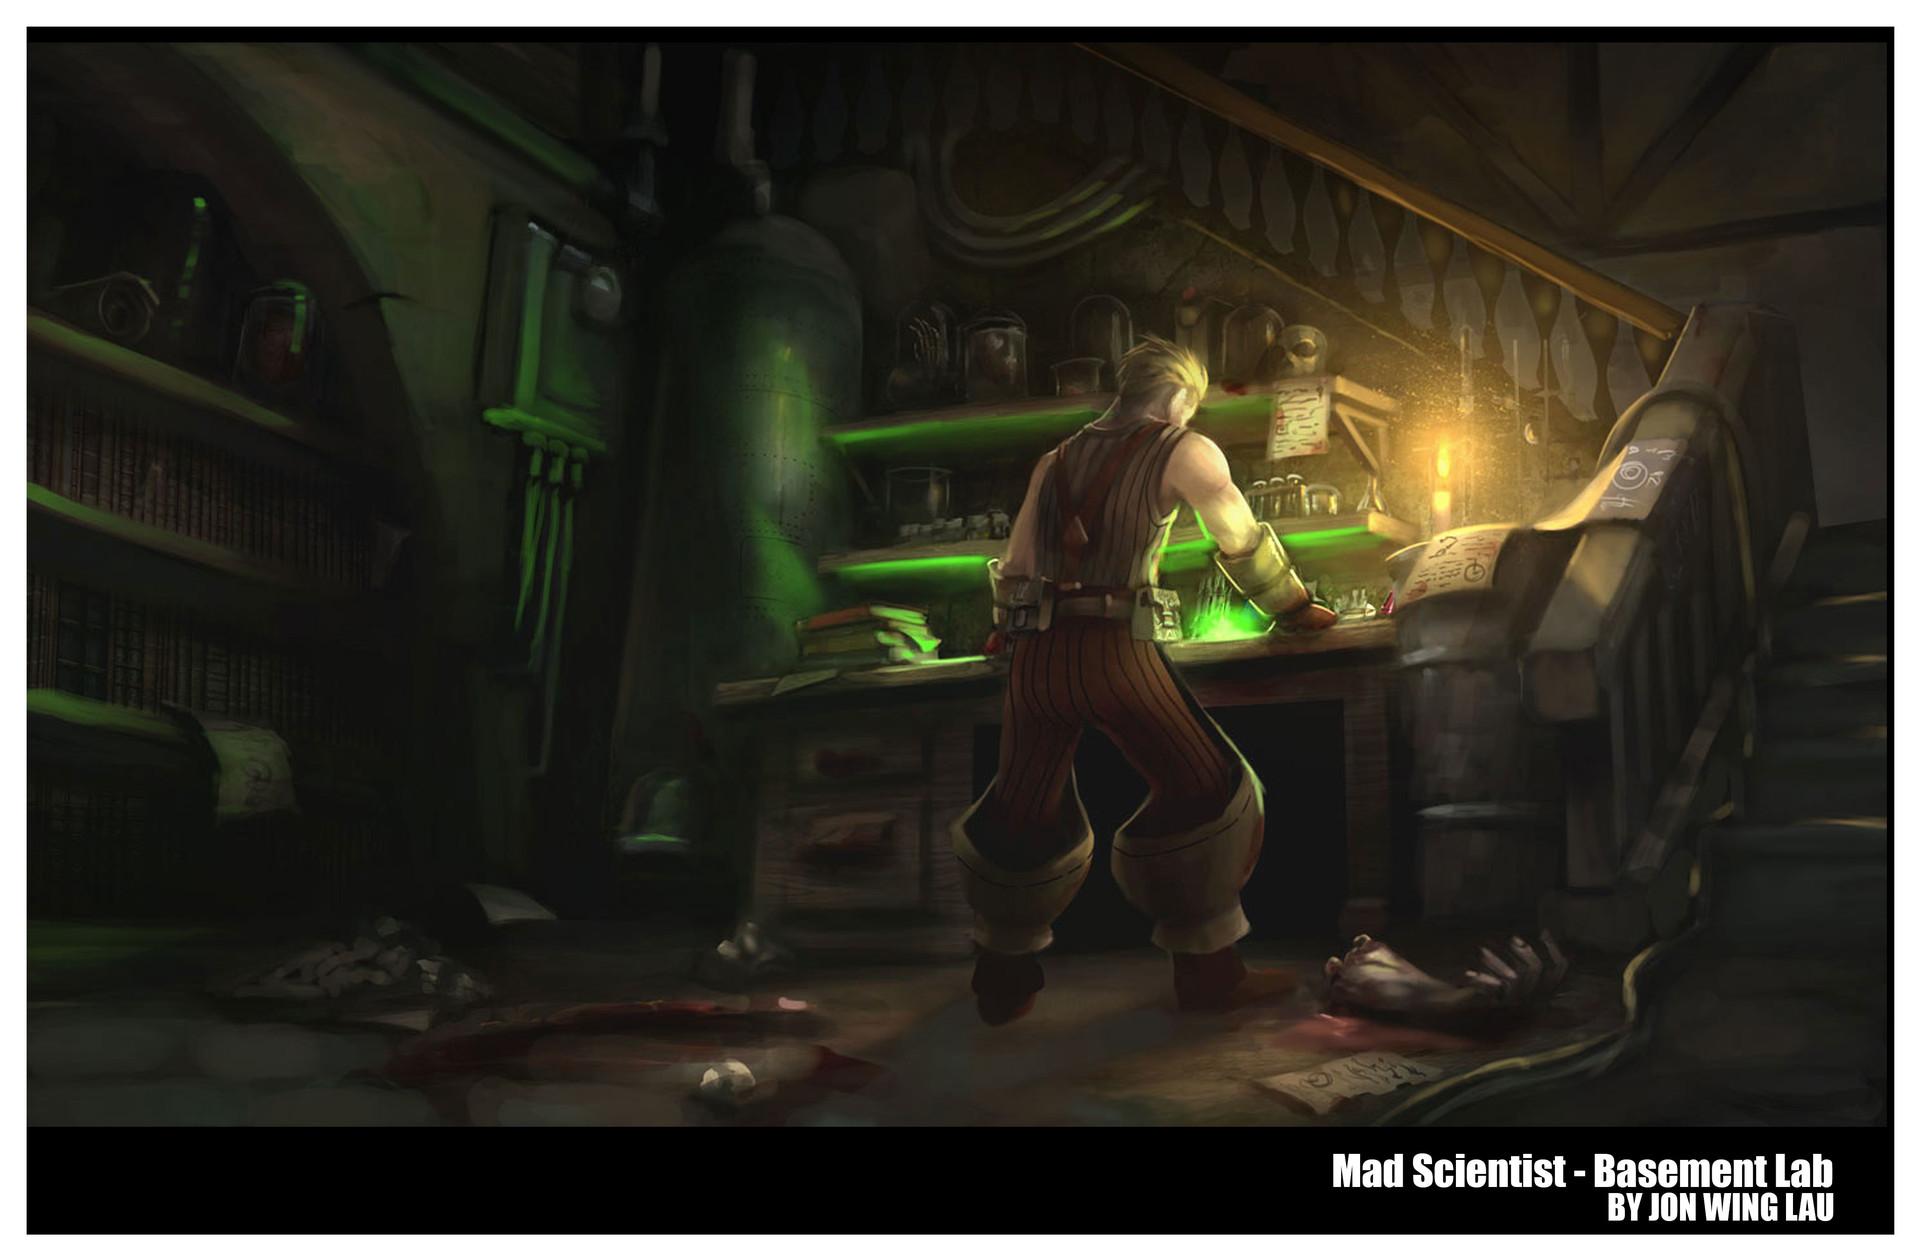 Jon wing mx scientist basement lab